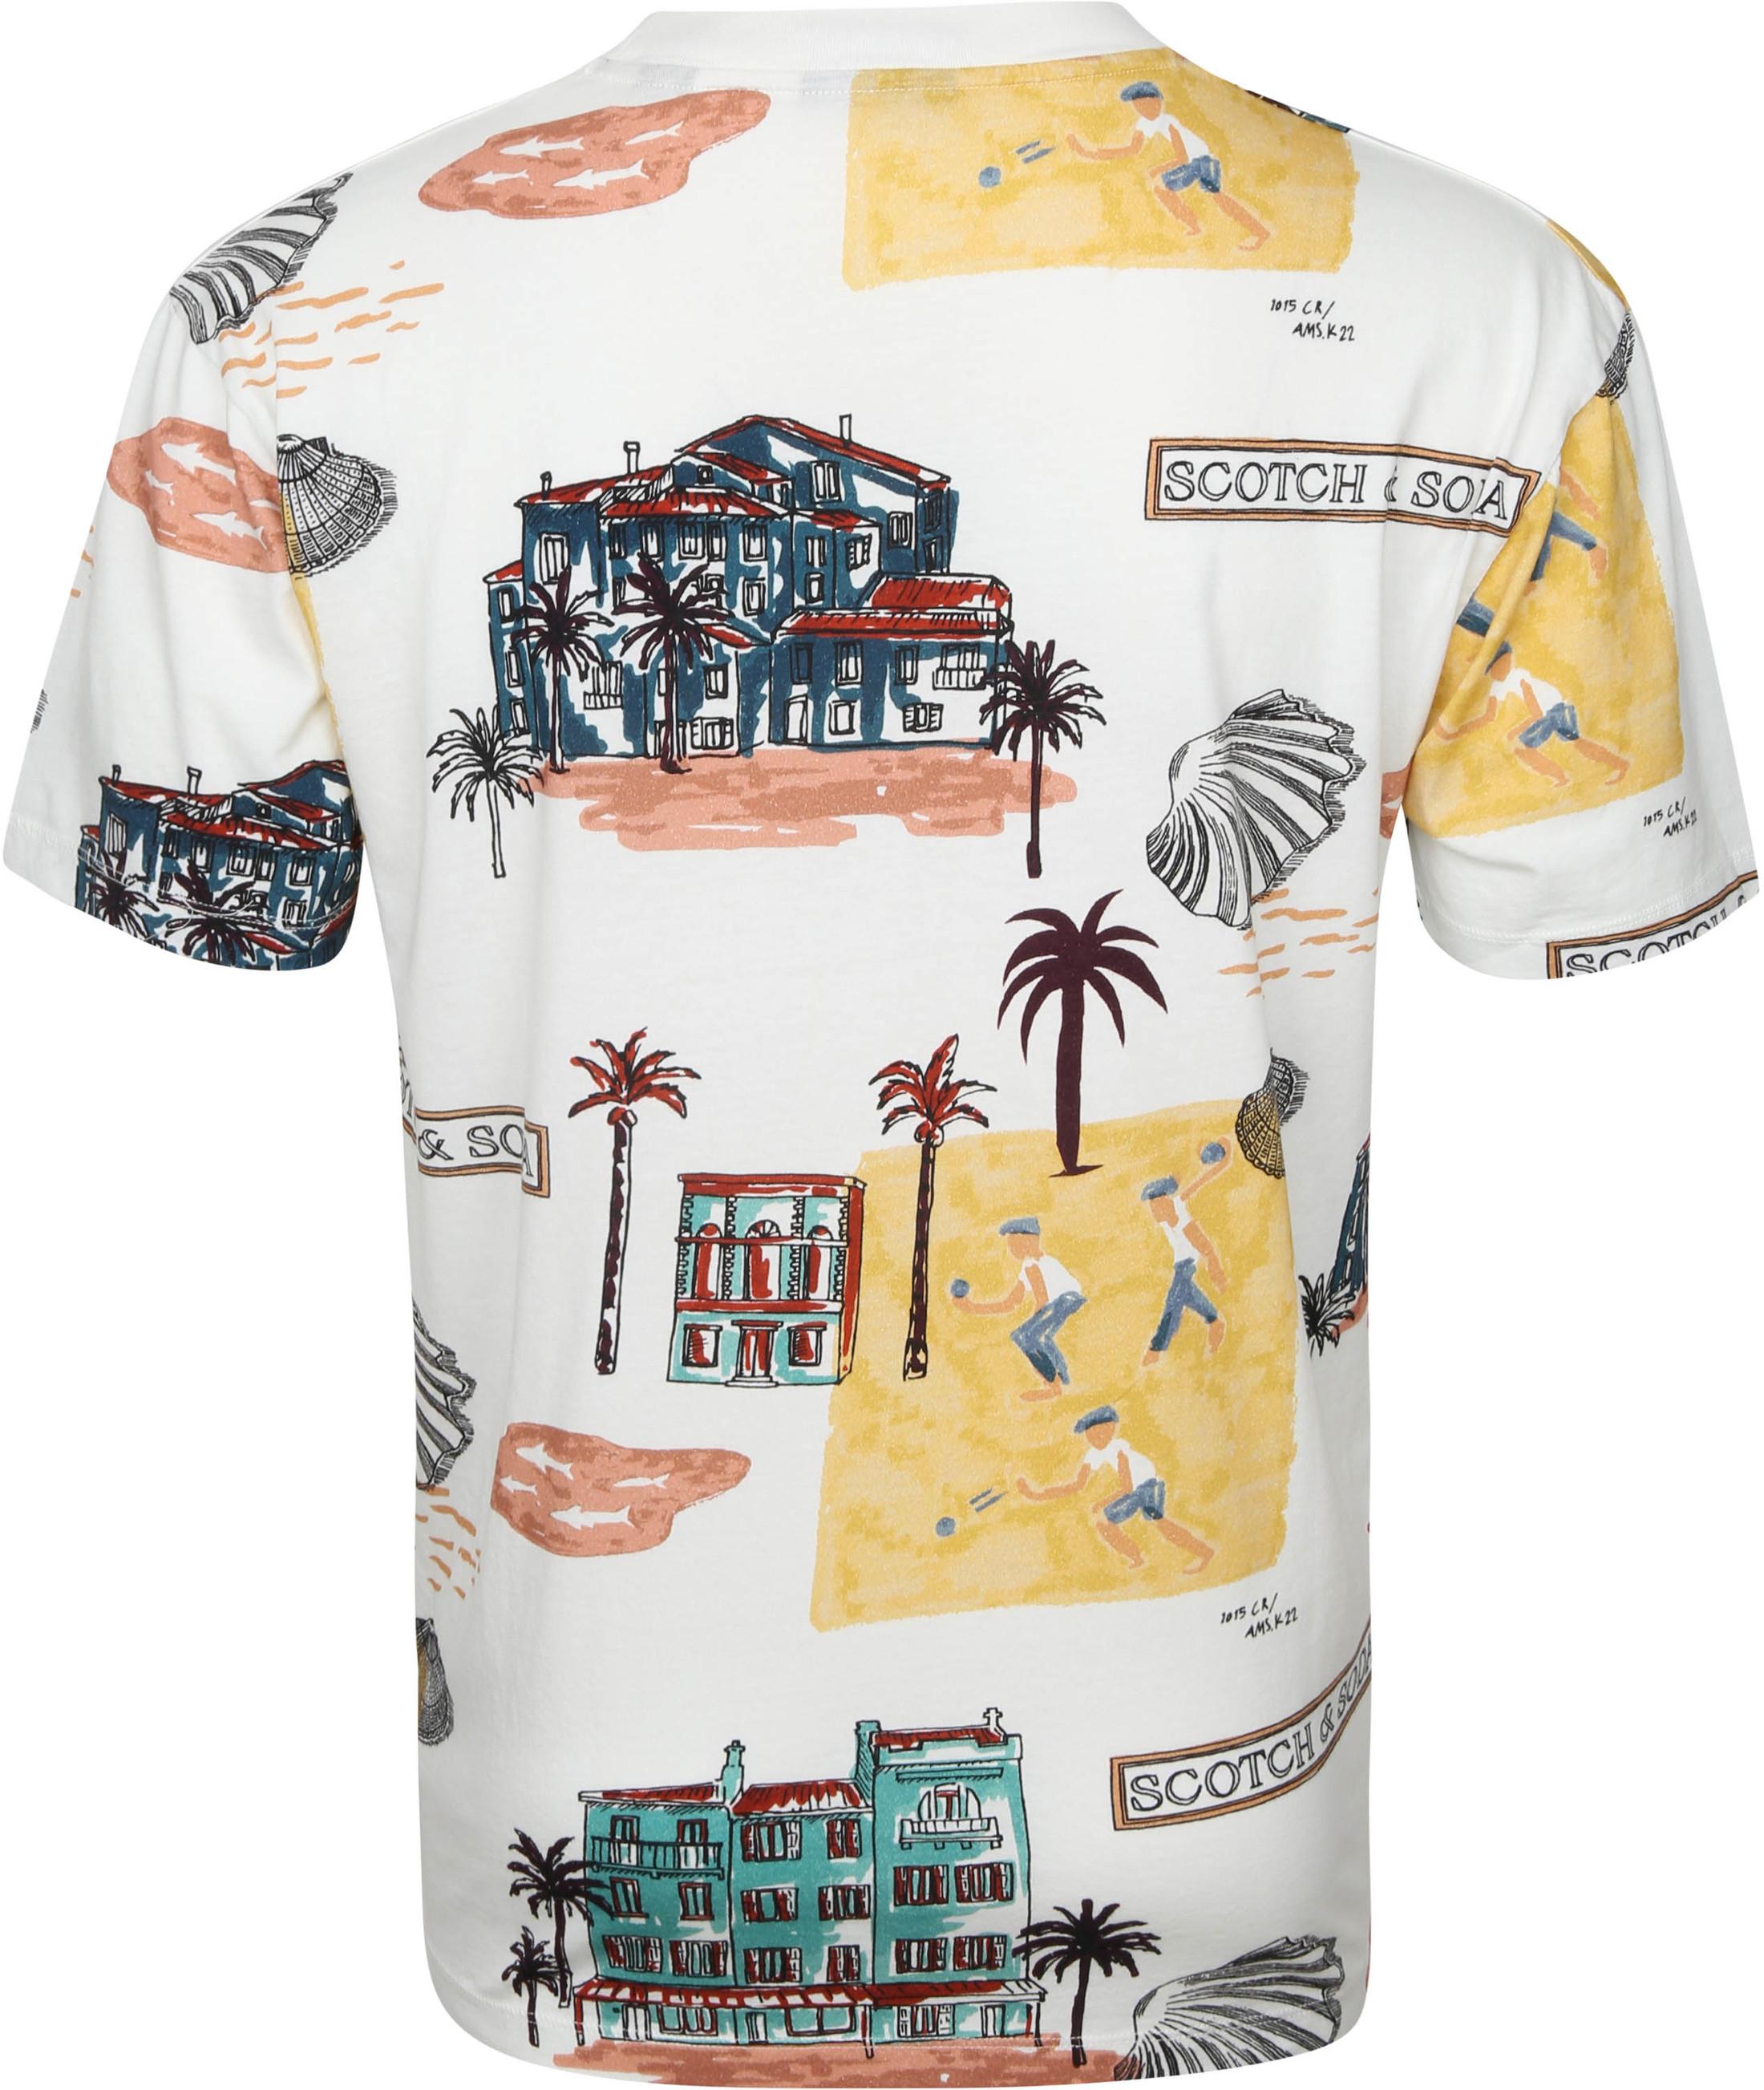 Scotch & Soda T-Shirt Beach Multicolour